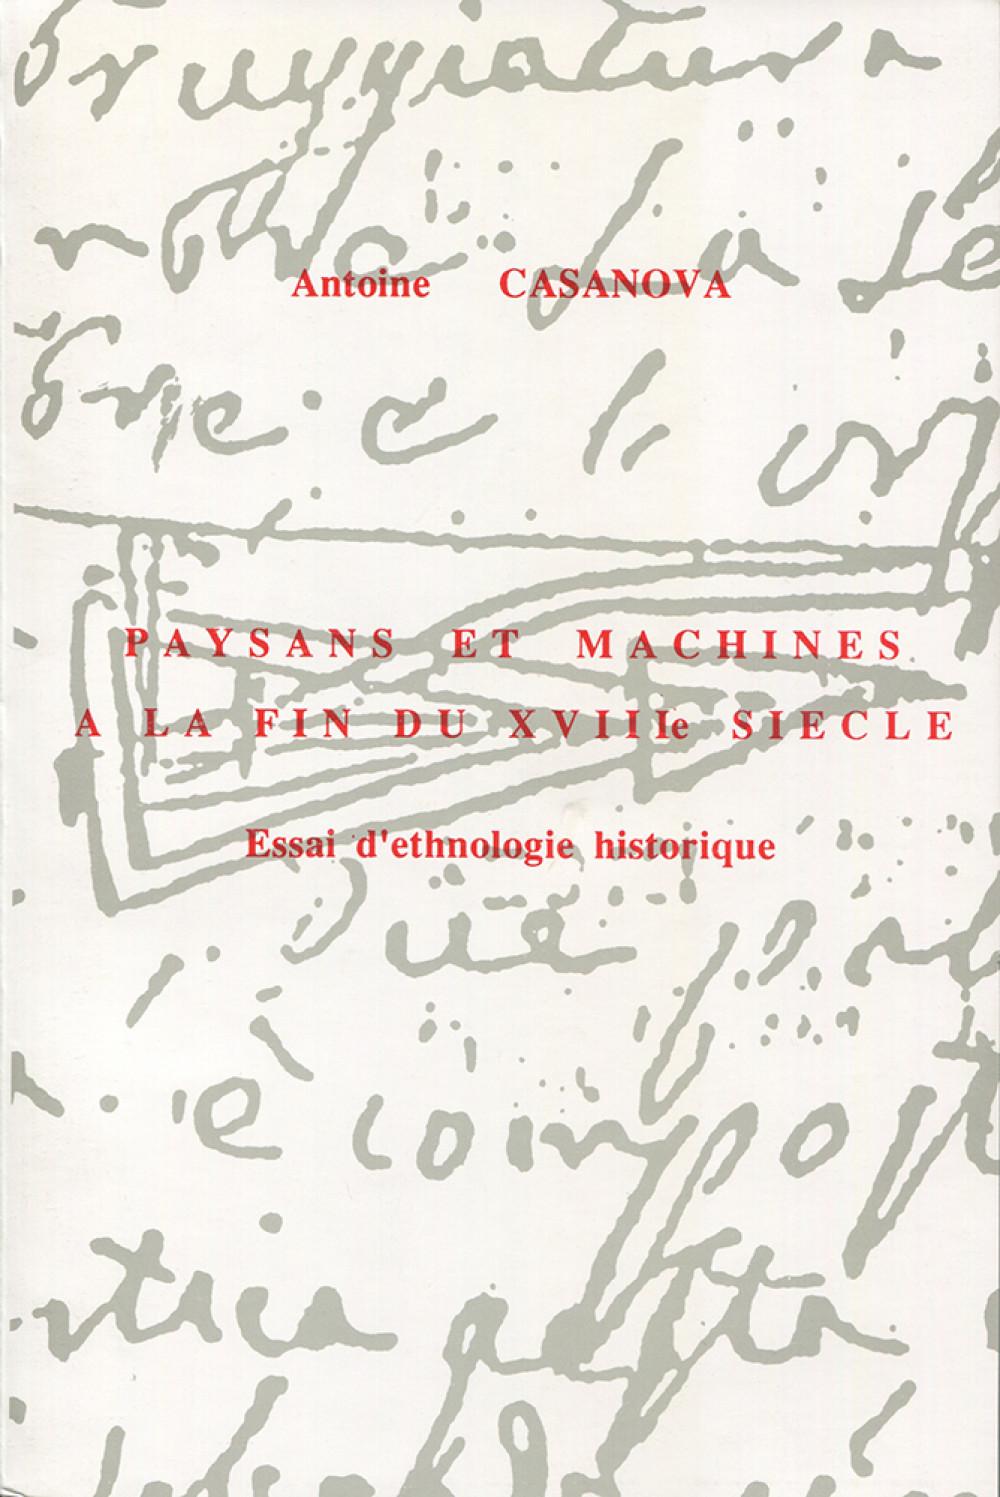 """Paysans et machines à la fin du <span style=""""font-variant: small-caps"""">XVIII</span><sup>e</sup> siècle"""